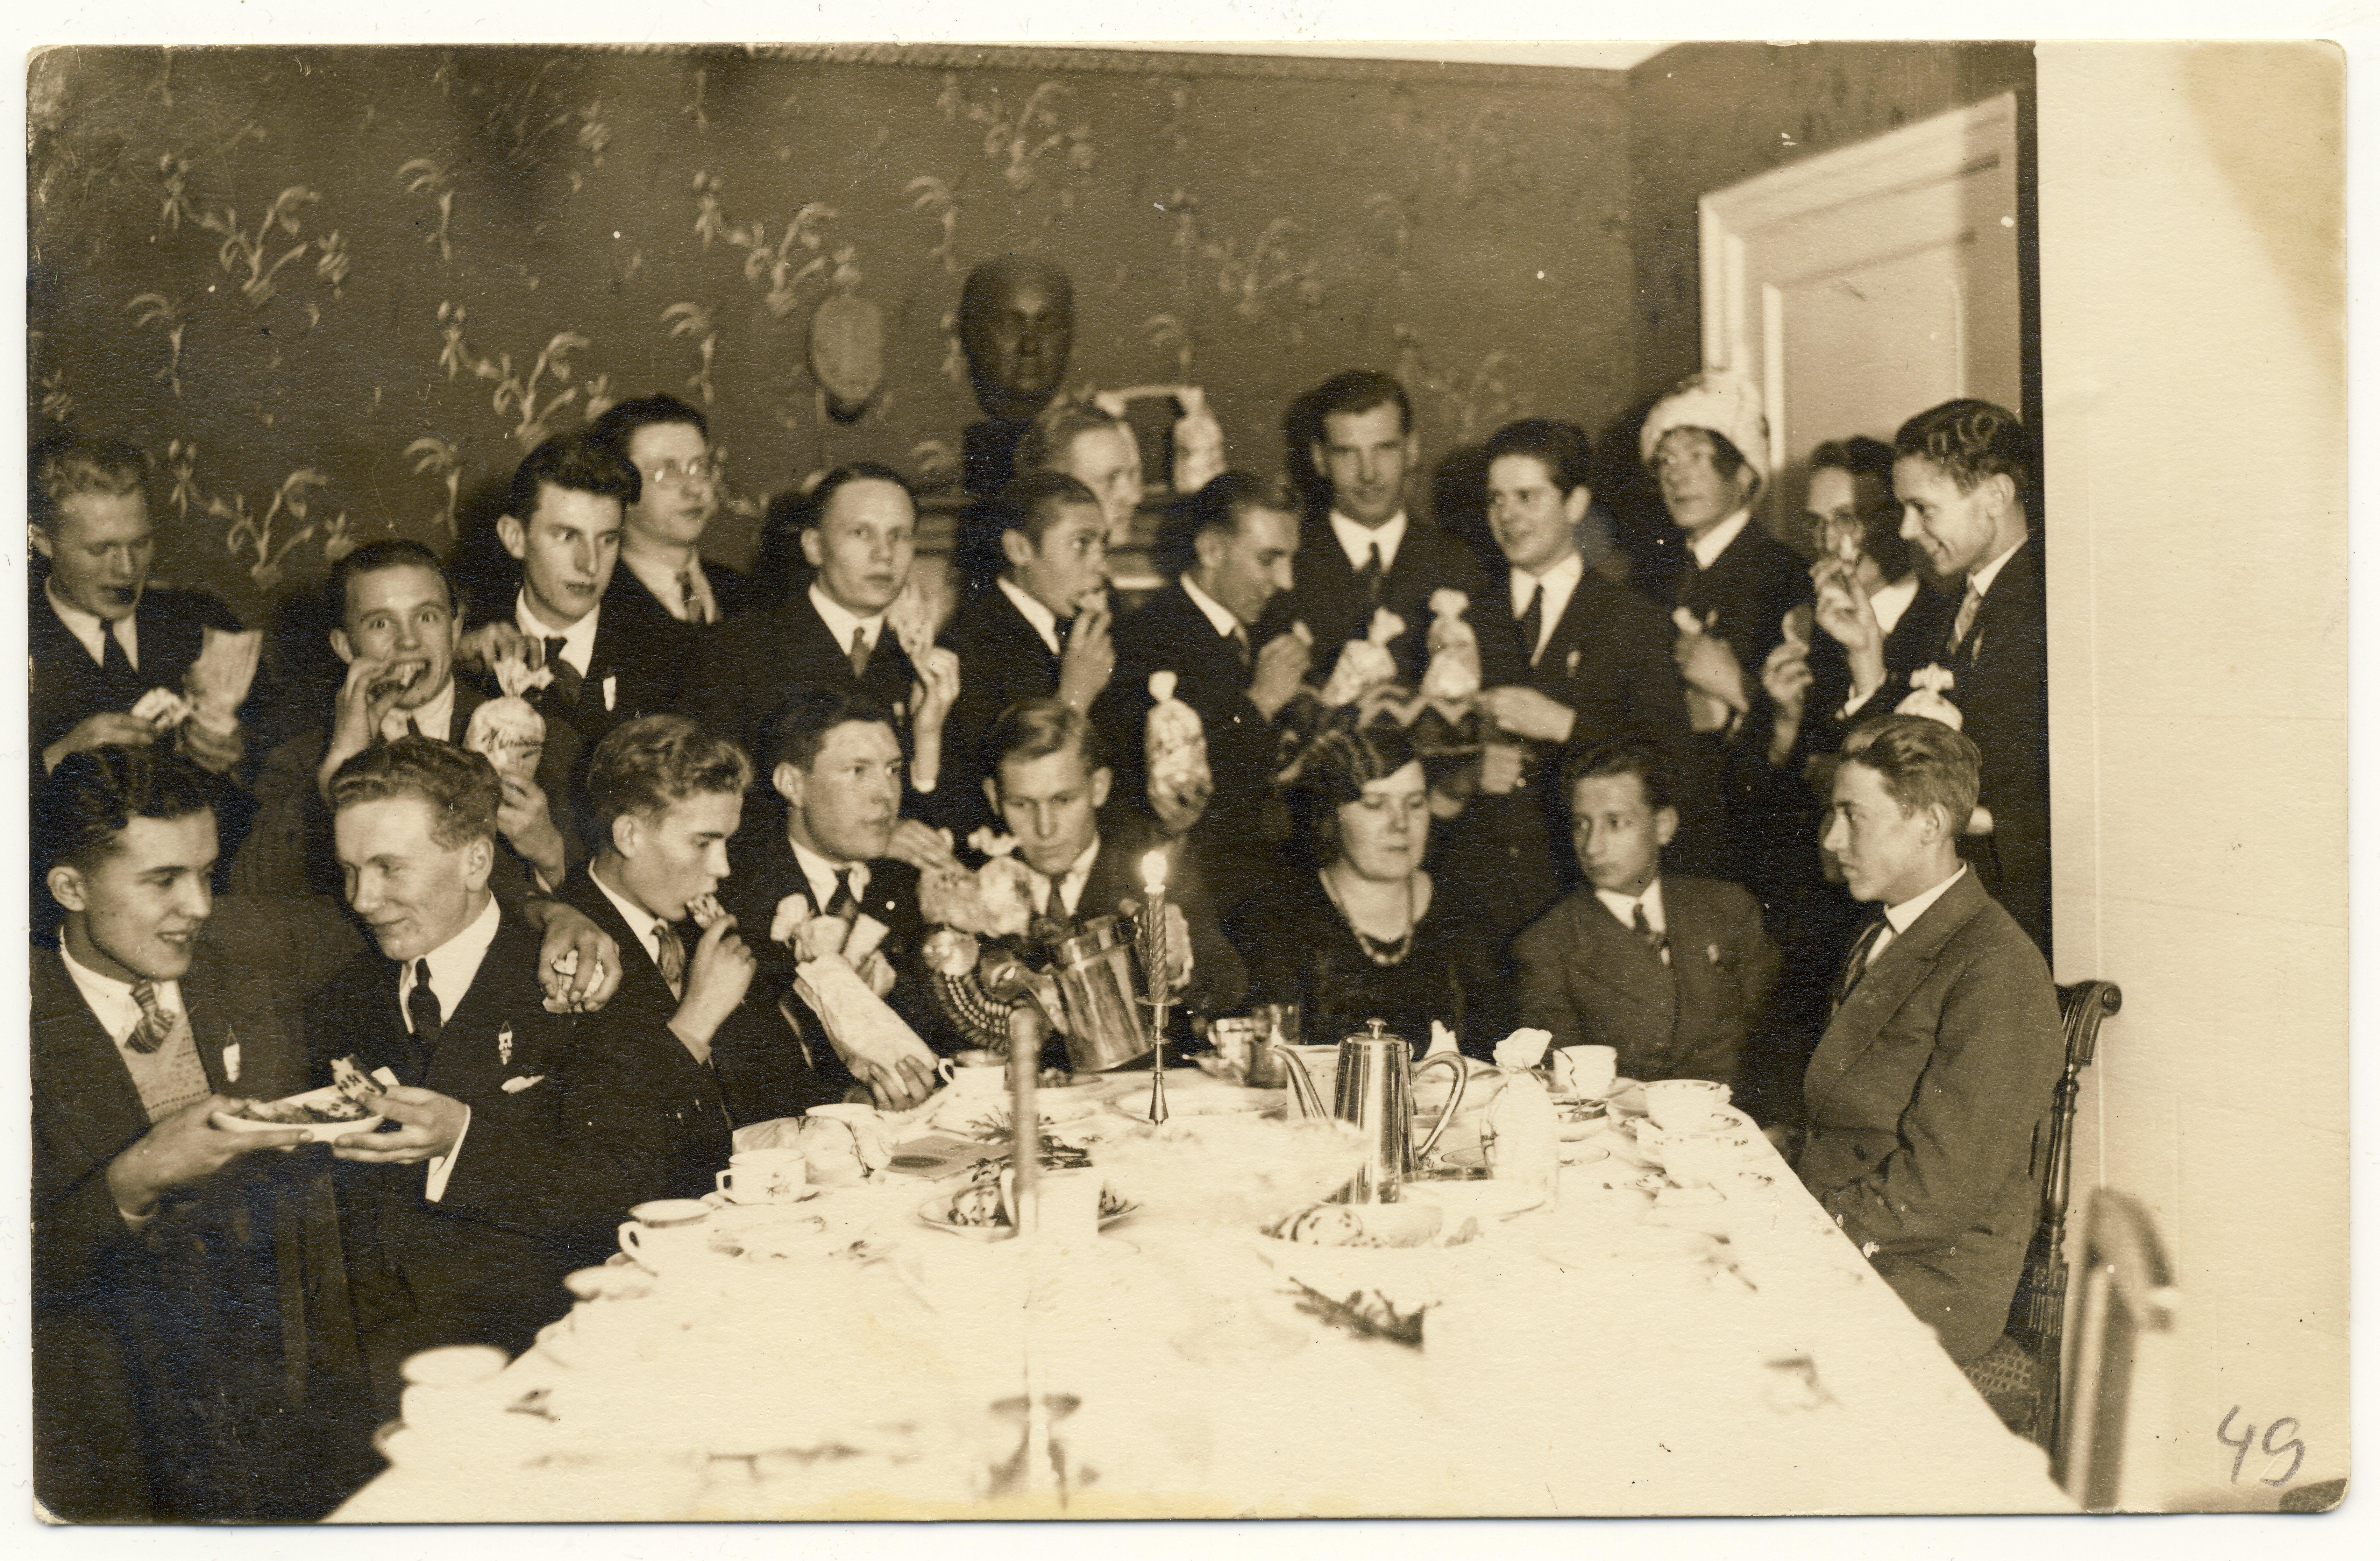 Tallinna Riigi Ühistehnika Gümnaasiumi lõpetajate kohviõhtu, 1931. Raimond Valgre vasakult esimene.